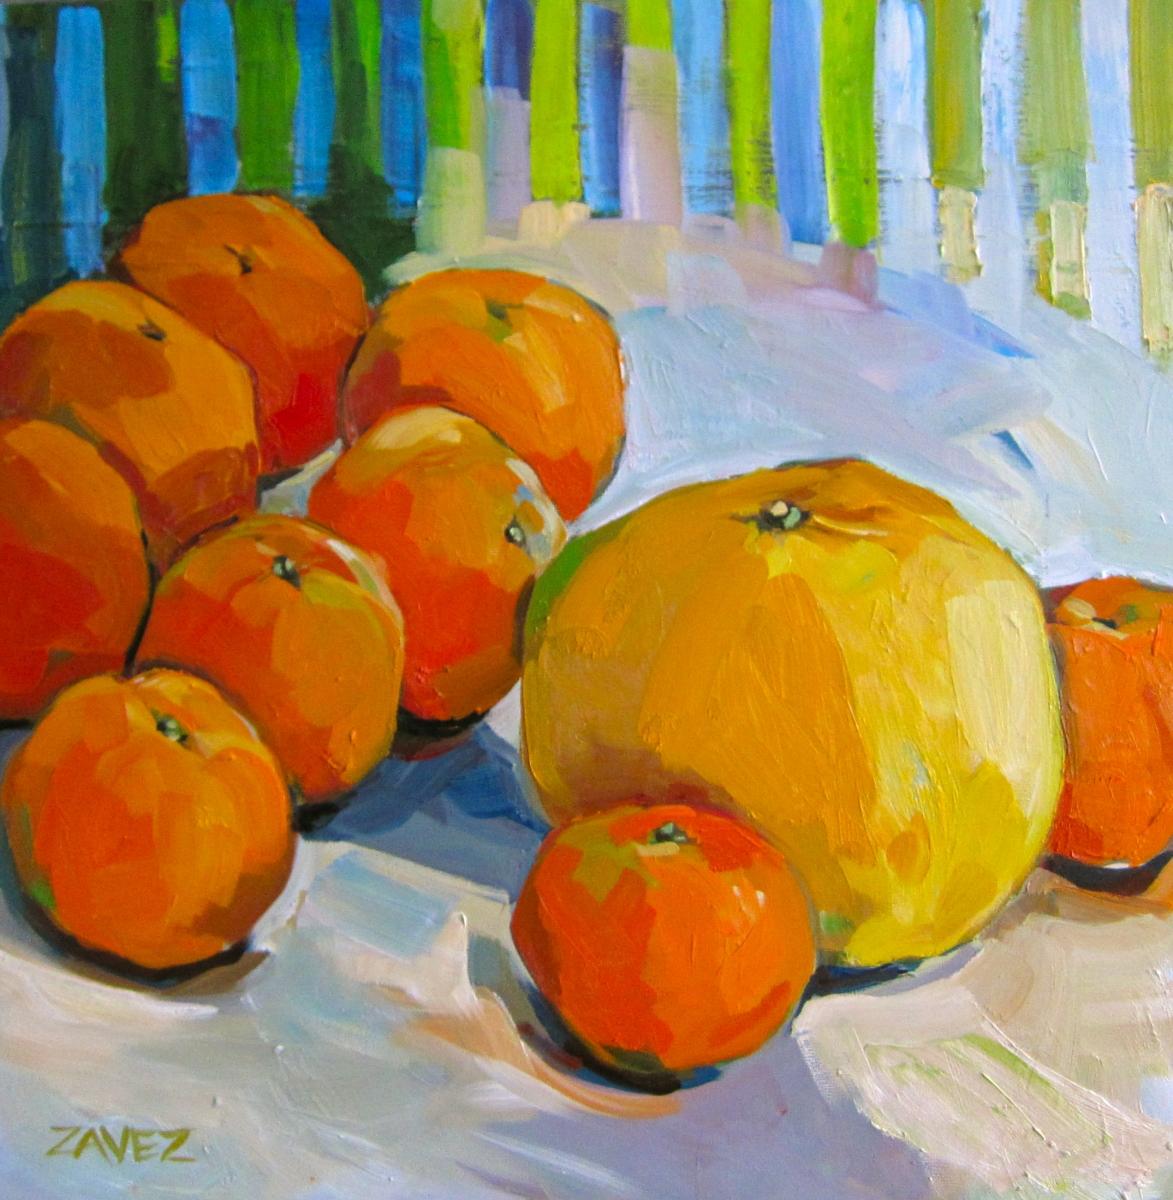 Citrus, Citrus (large view)